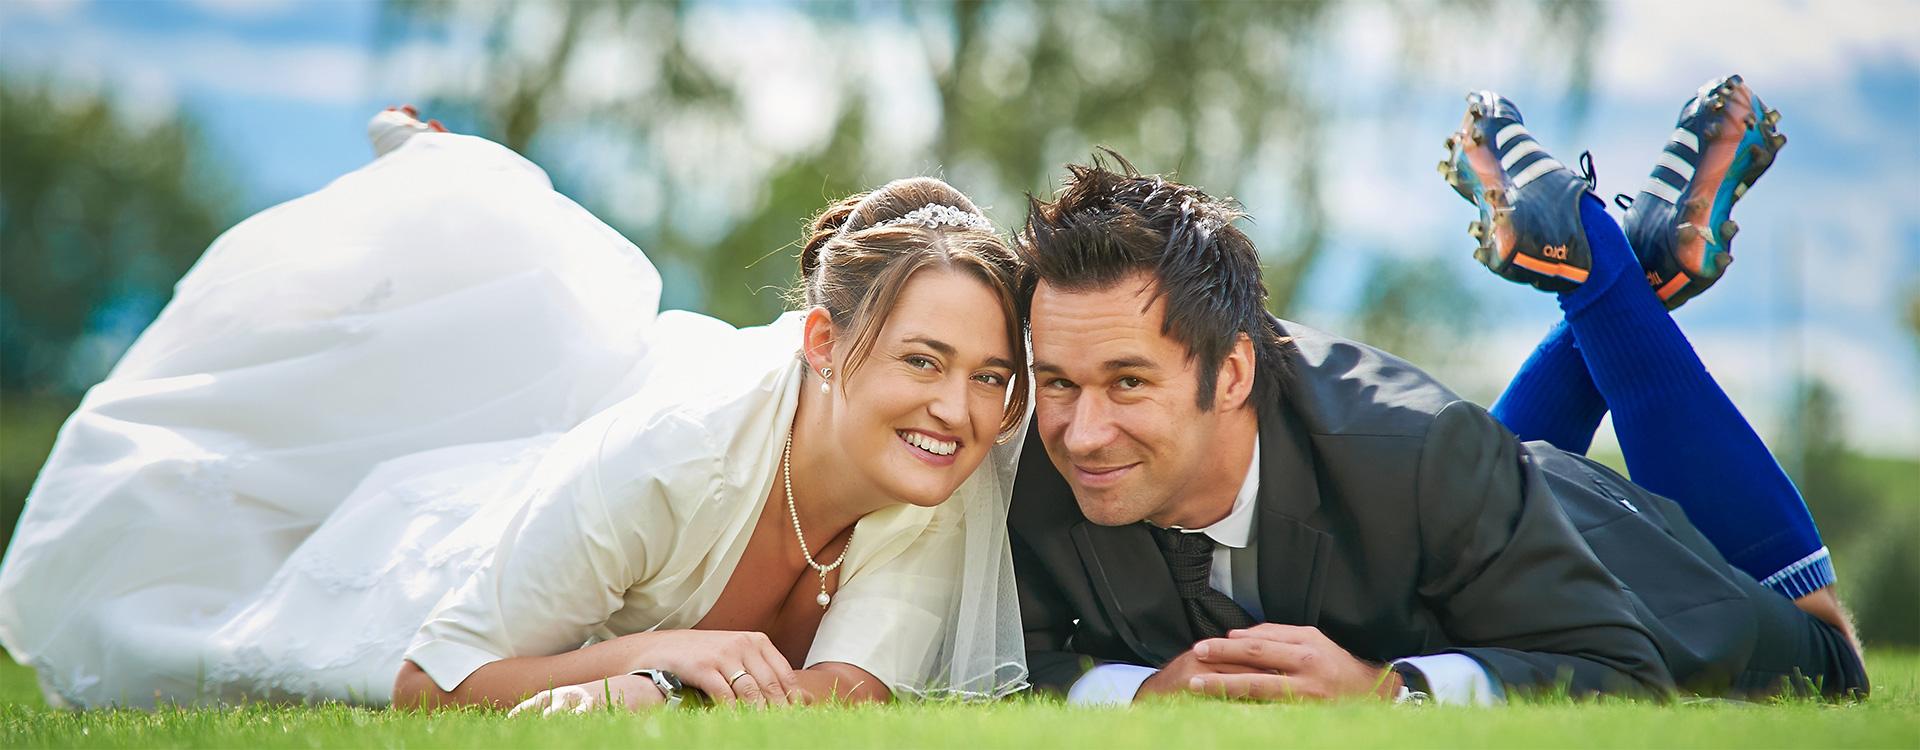 Hochzeit_slider